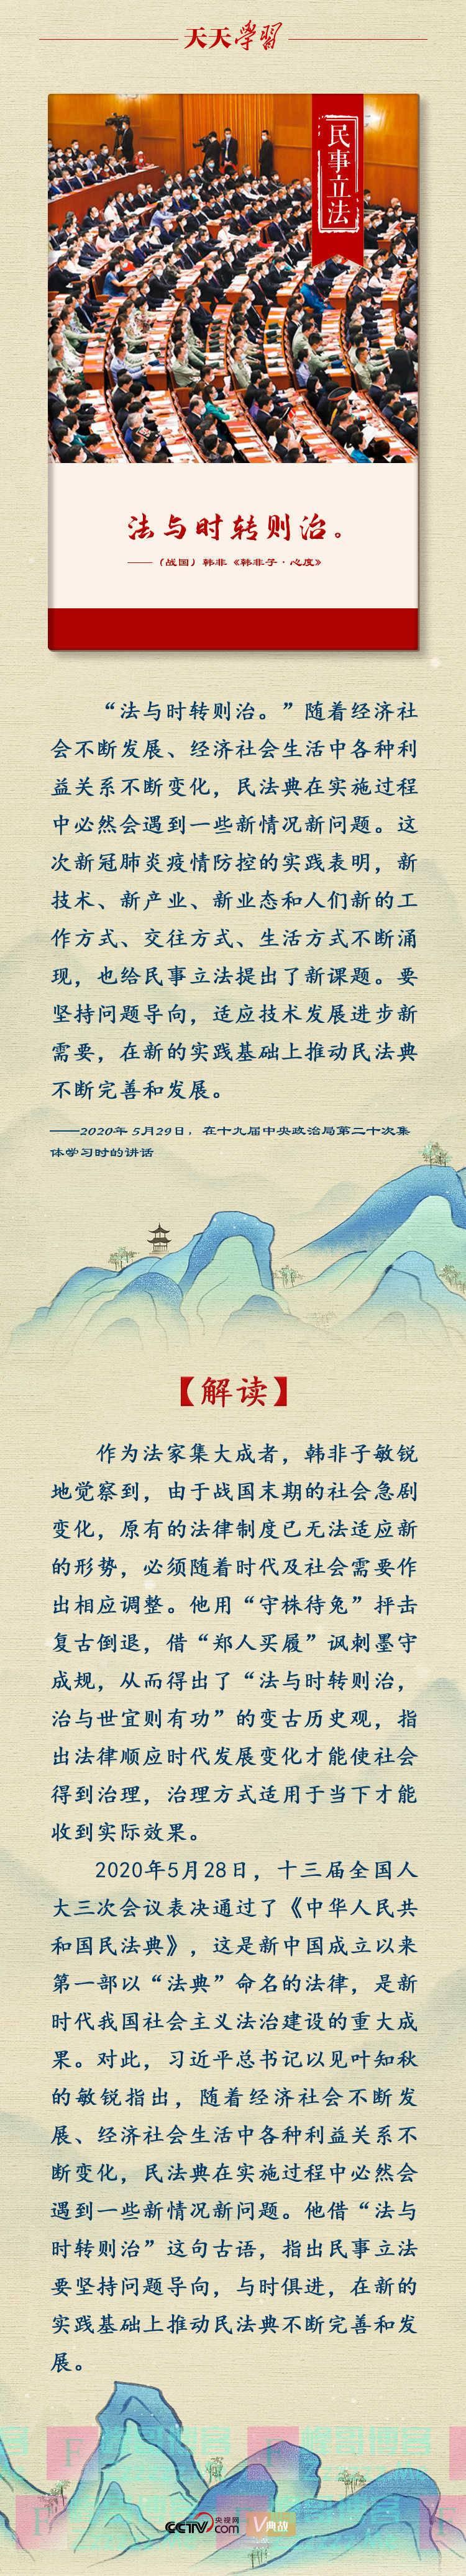 2020习近平总书记十大用典|民事立法篇